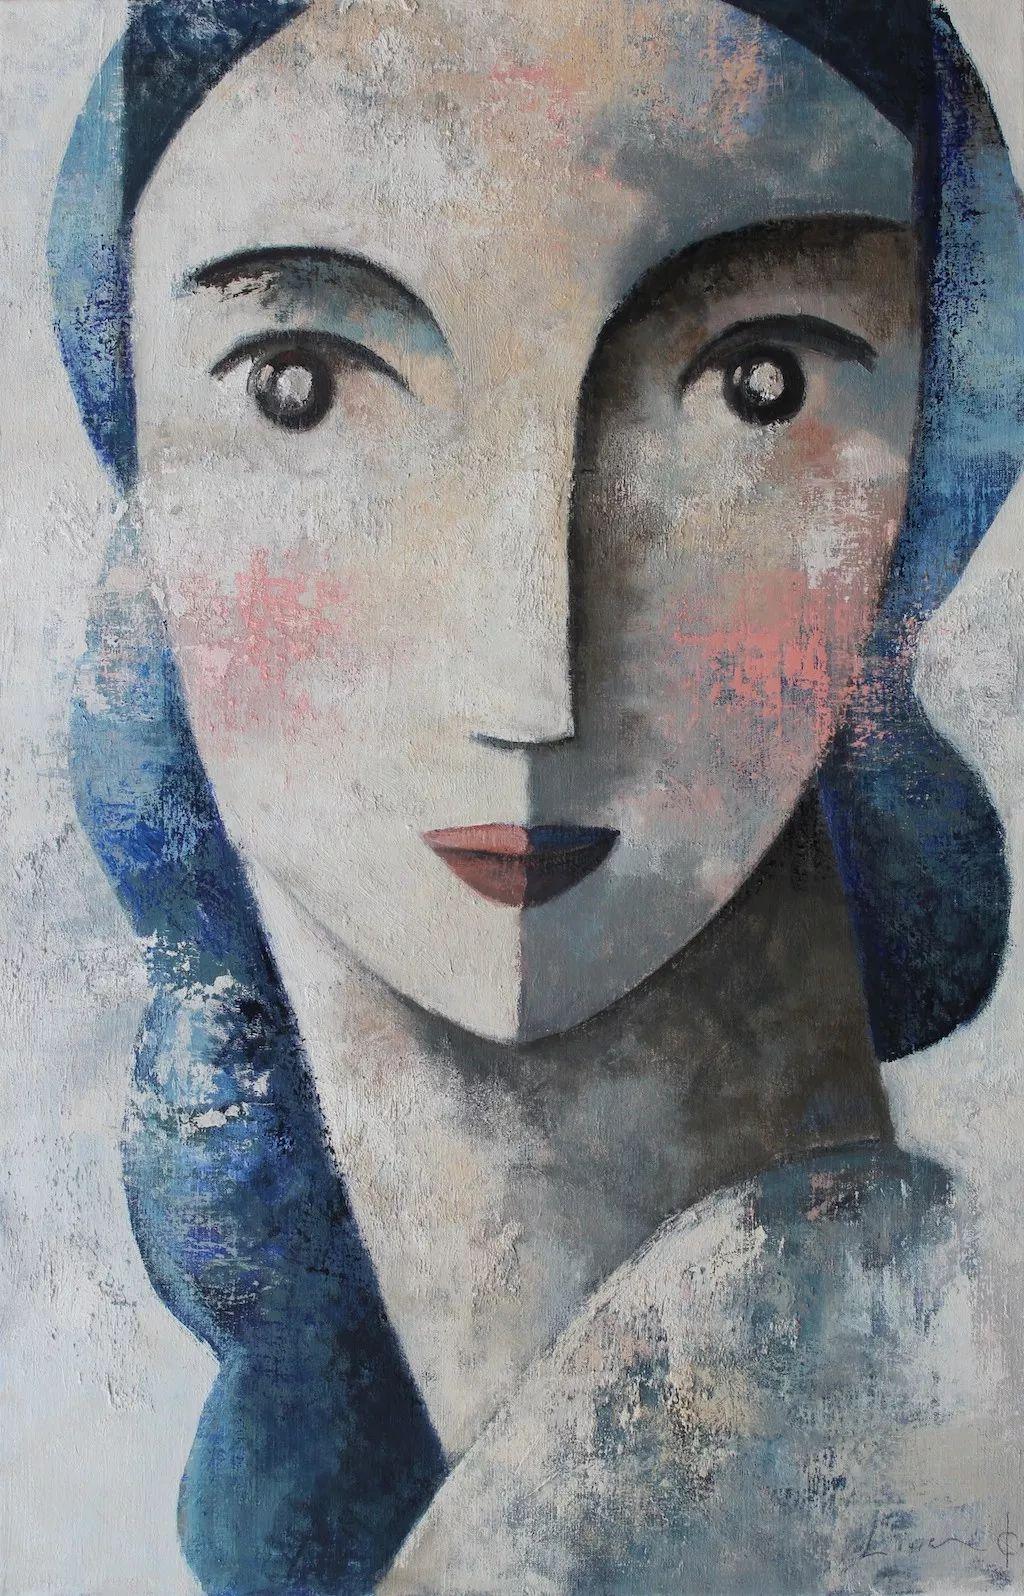 情感的表达,西班牙画家Didier Lourenço插图51